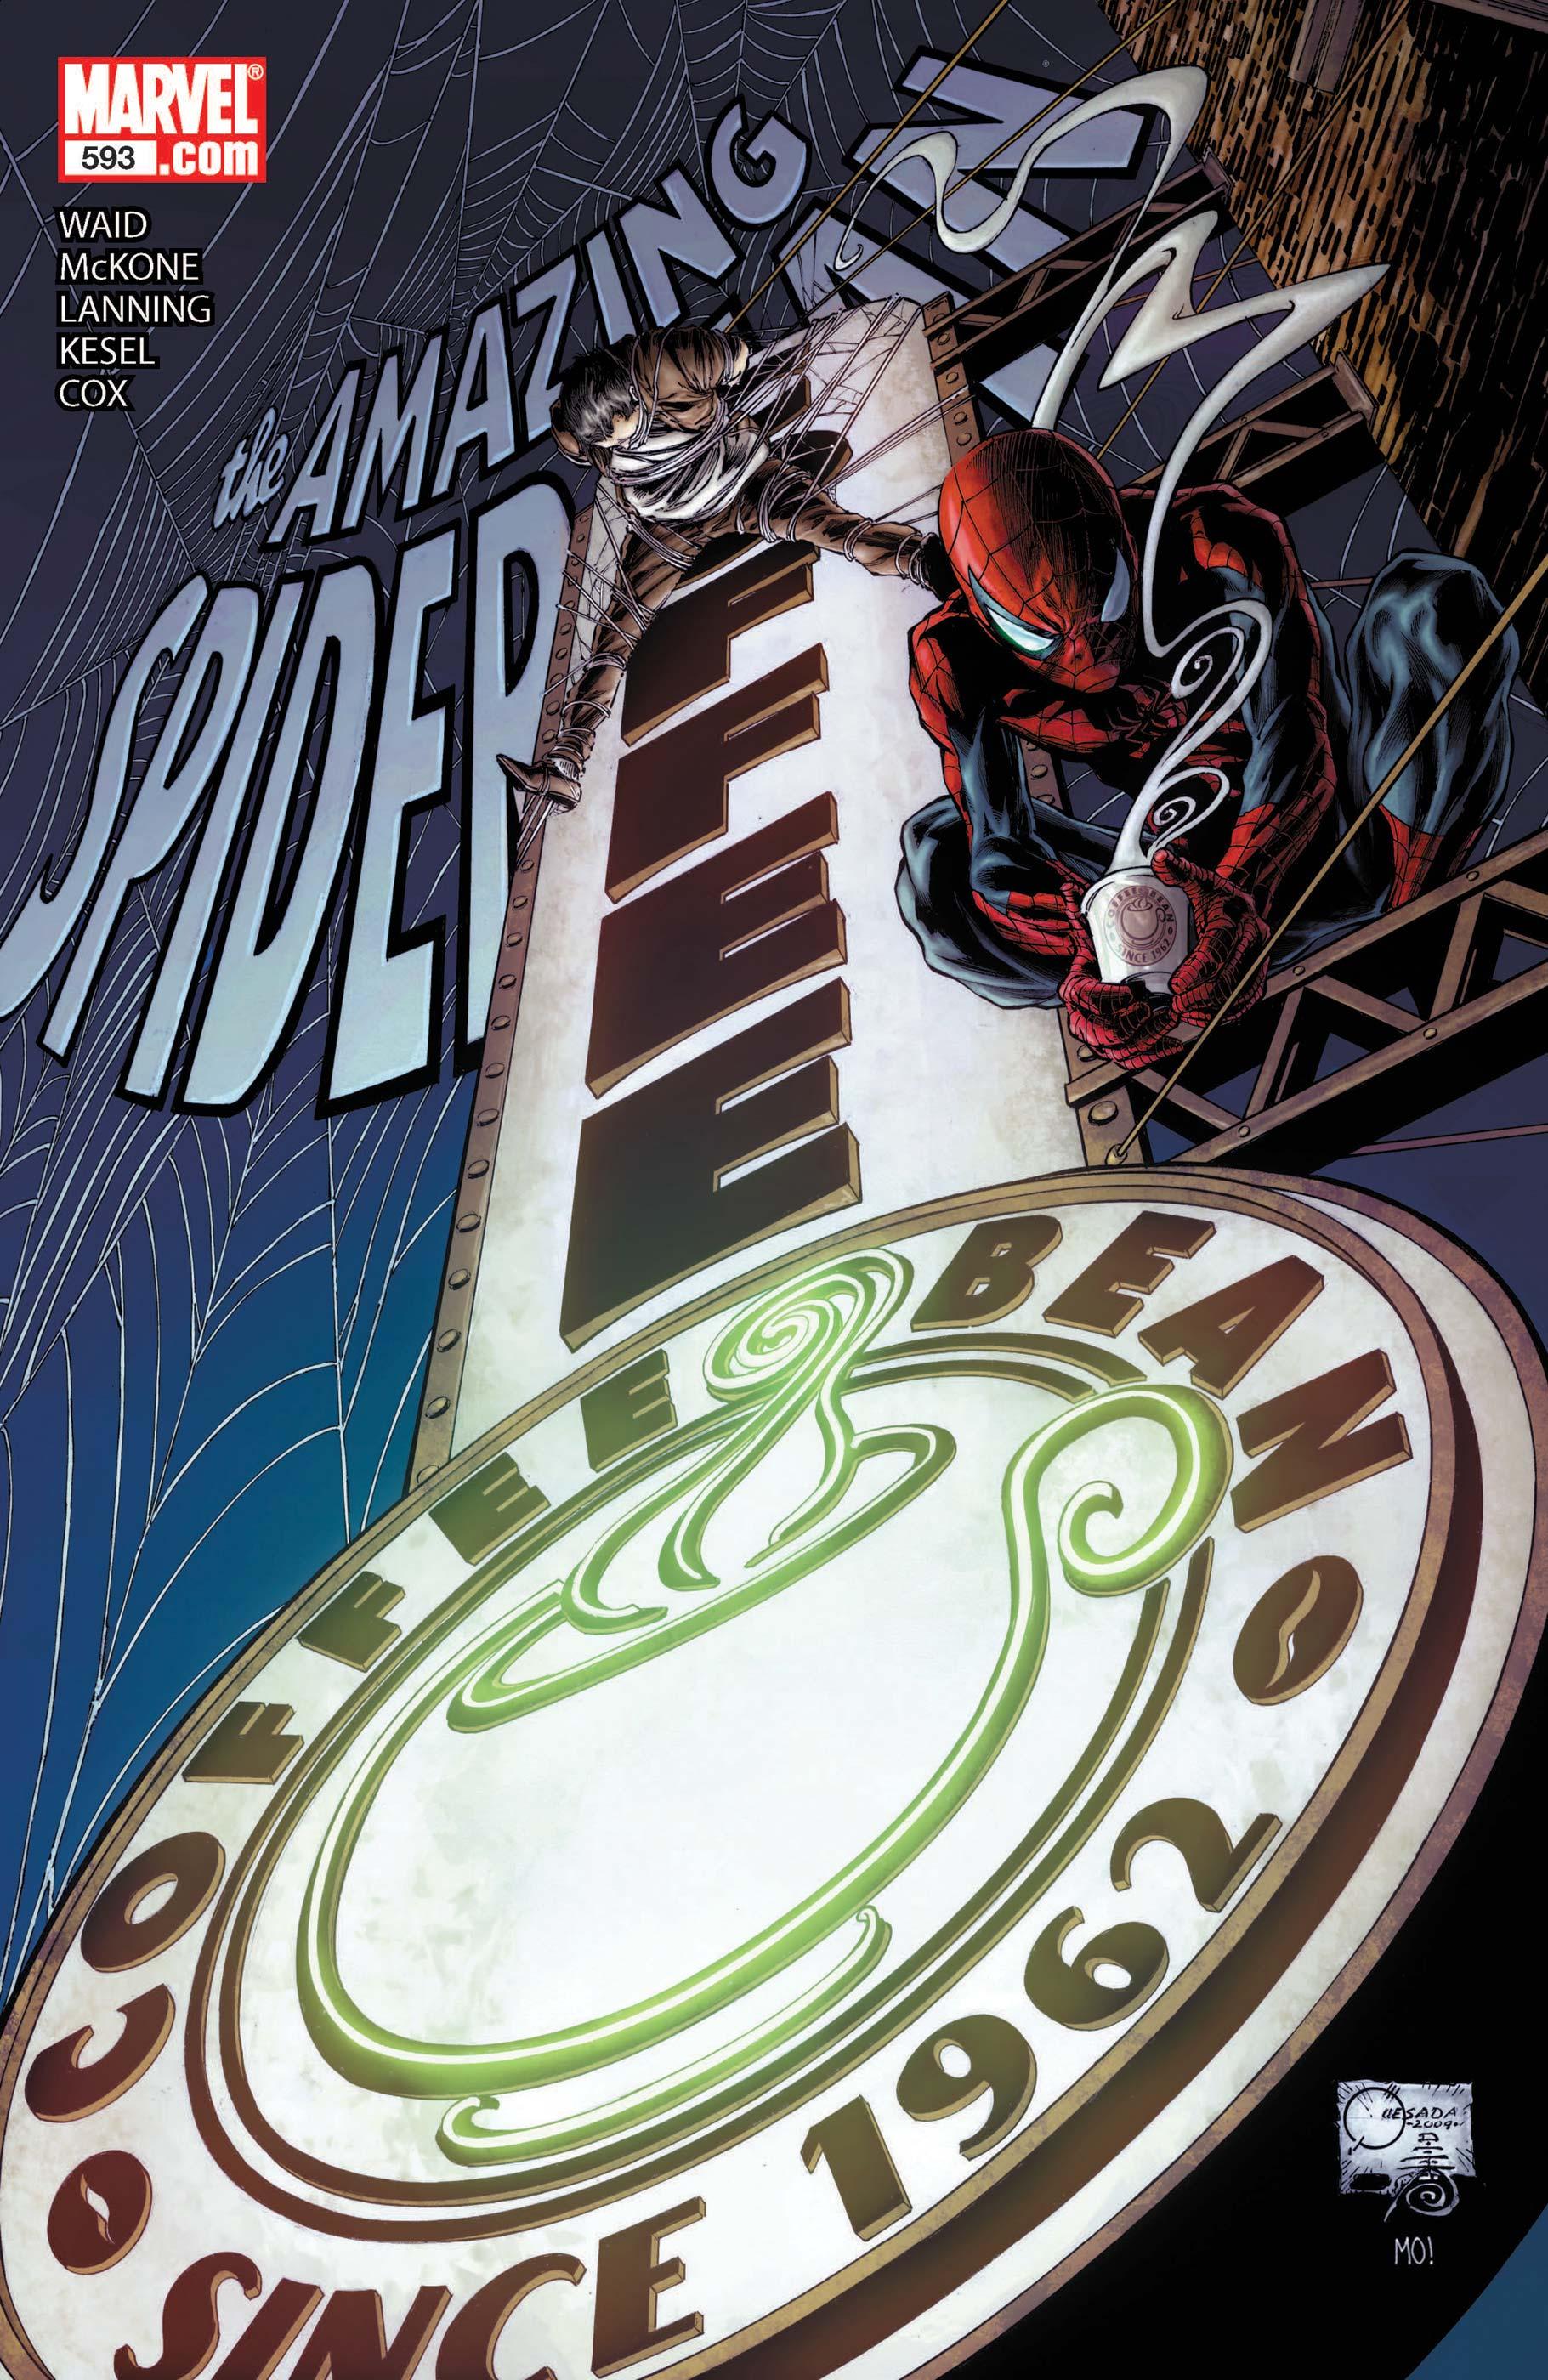 Amazing Spider-Man (1999) #593